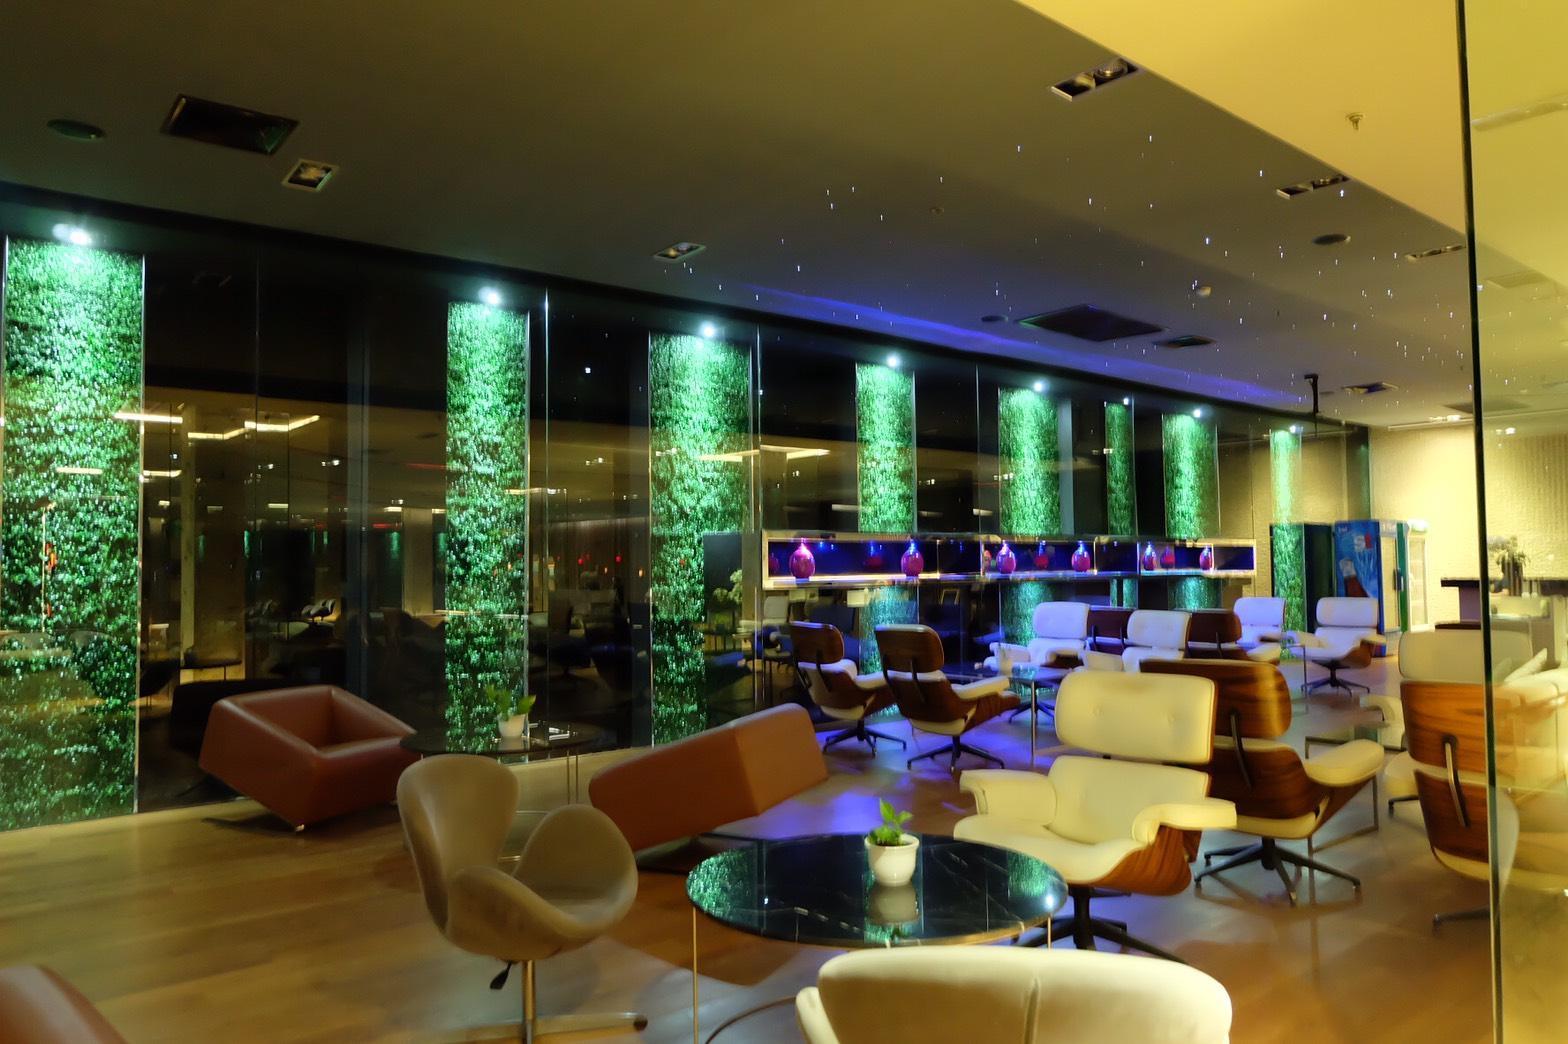 H5 luxury hotel เอช5 ลักชัวรี โฮเต็ล